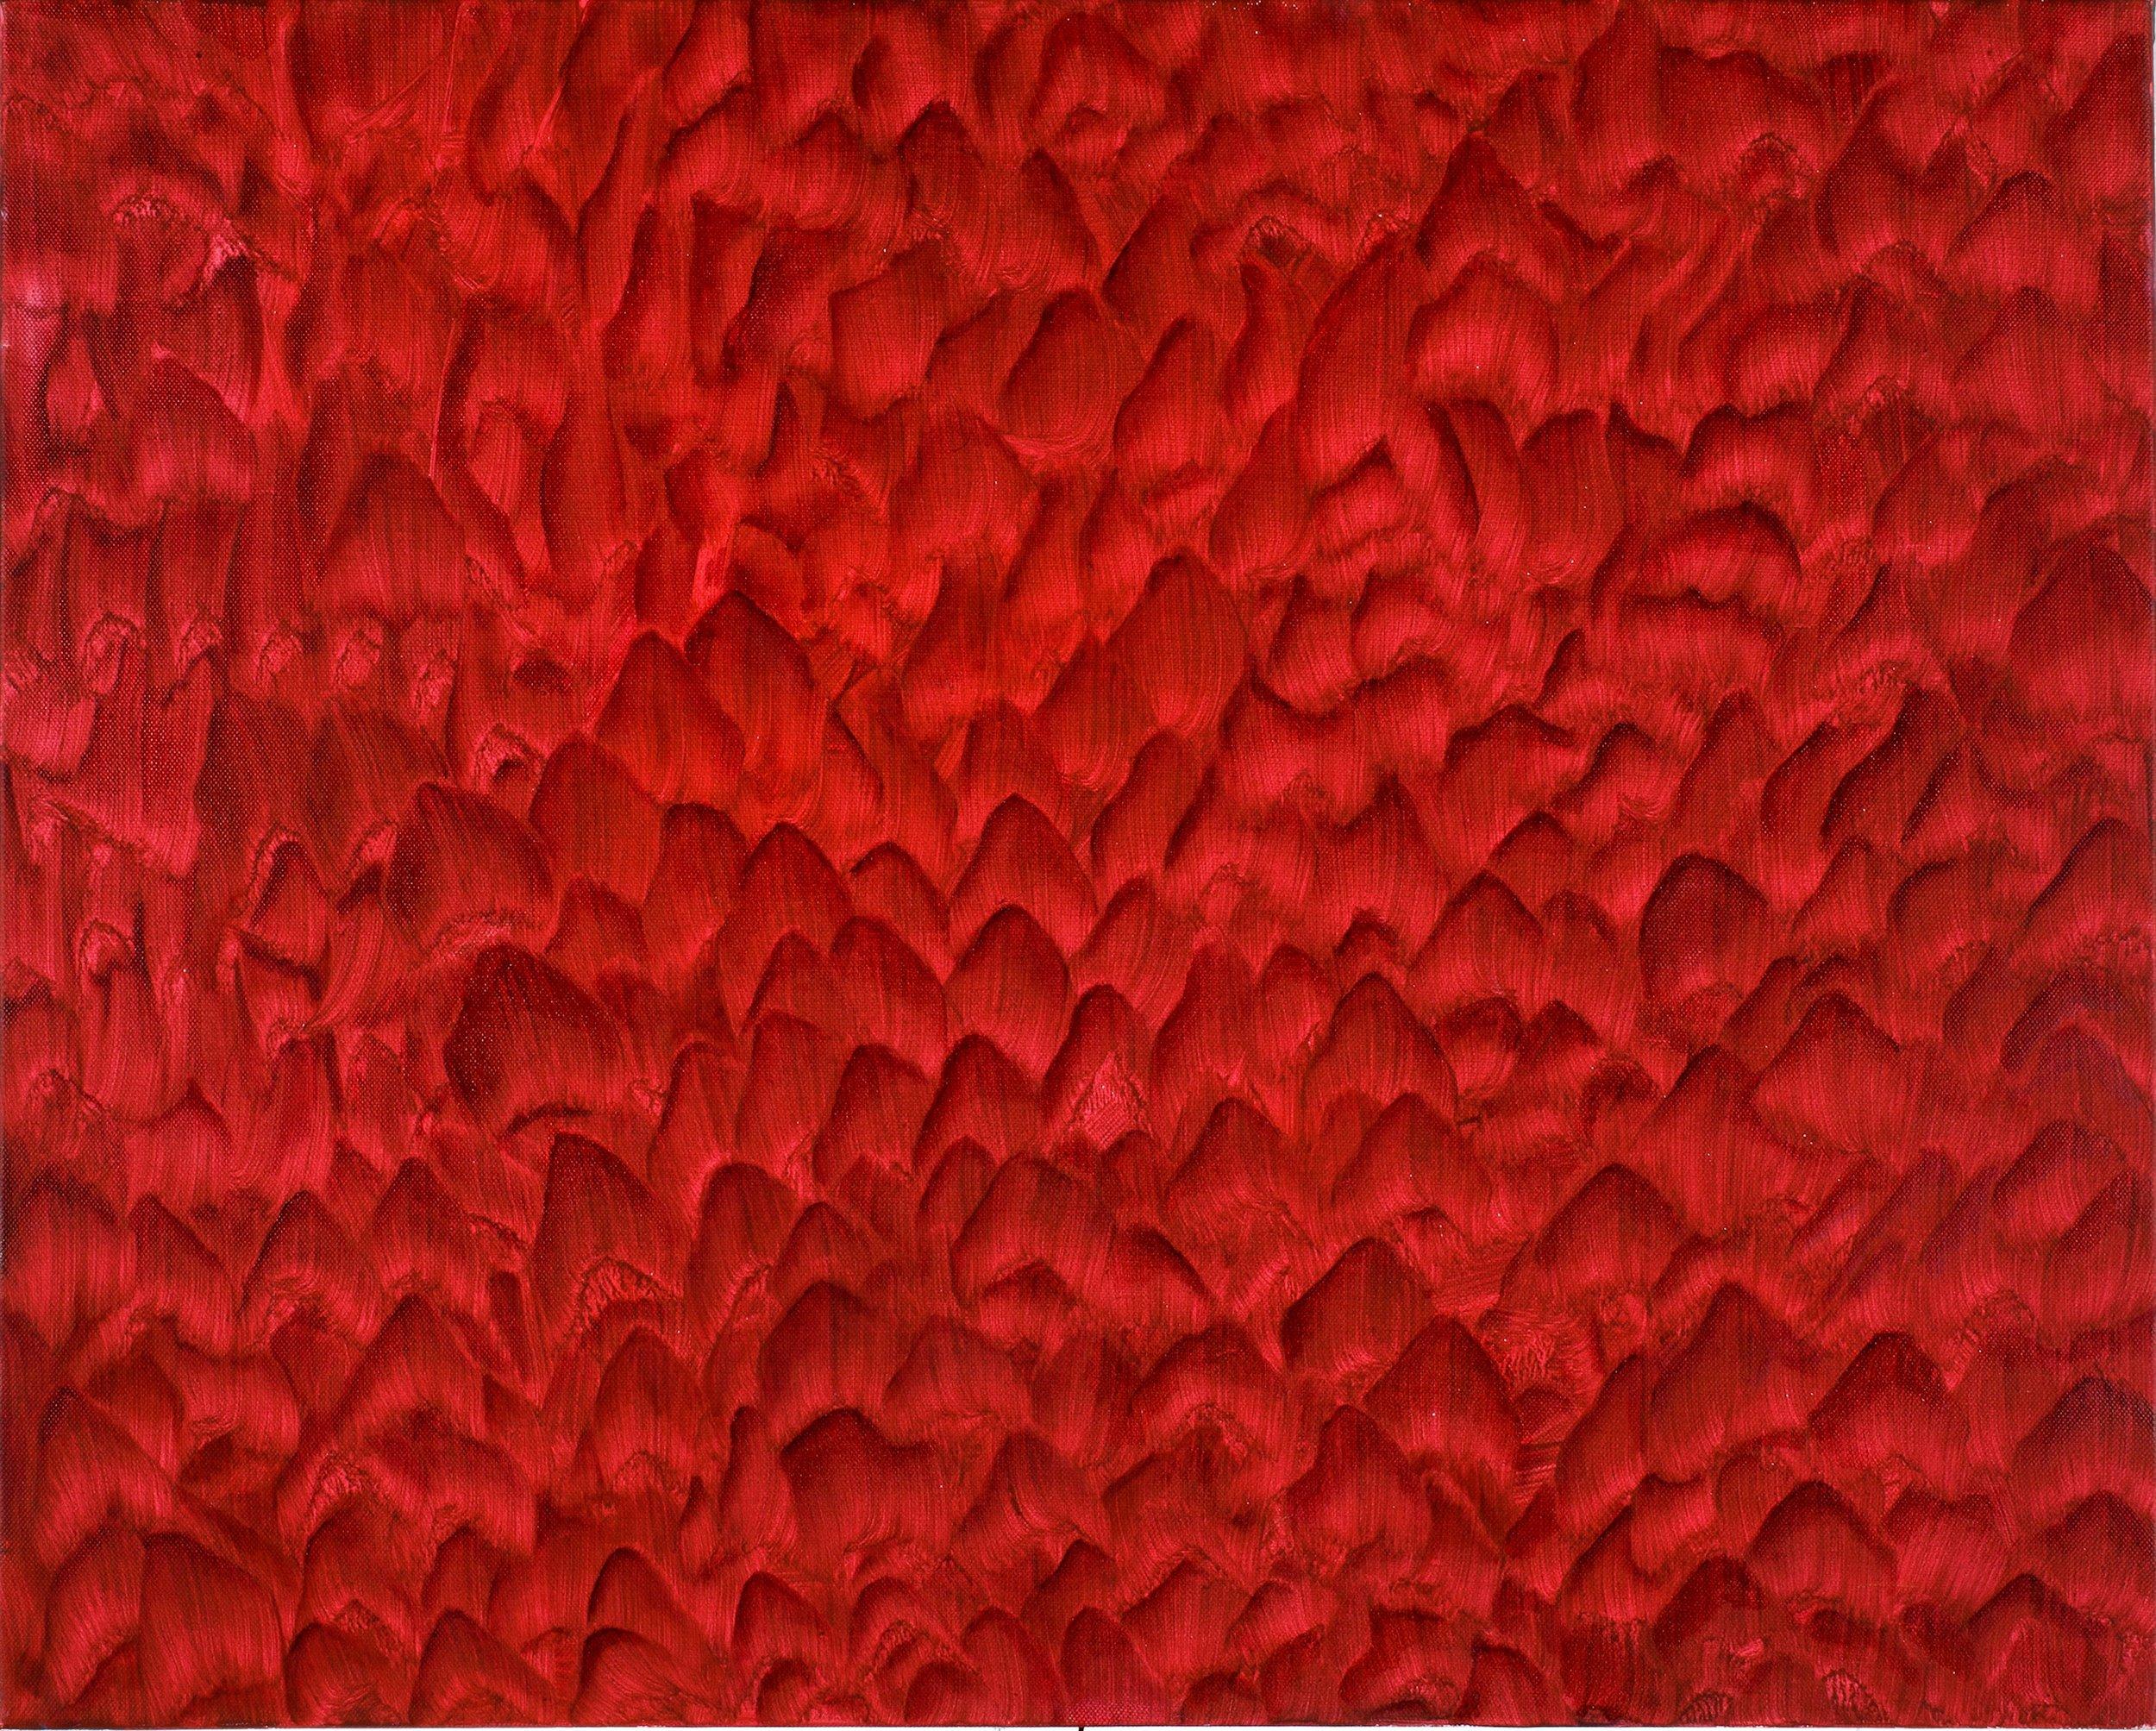 Rowena Boyd   Shuffle , 2011  Oil and acrylic on canvas  72 x 85cm